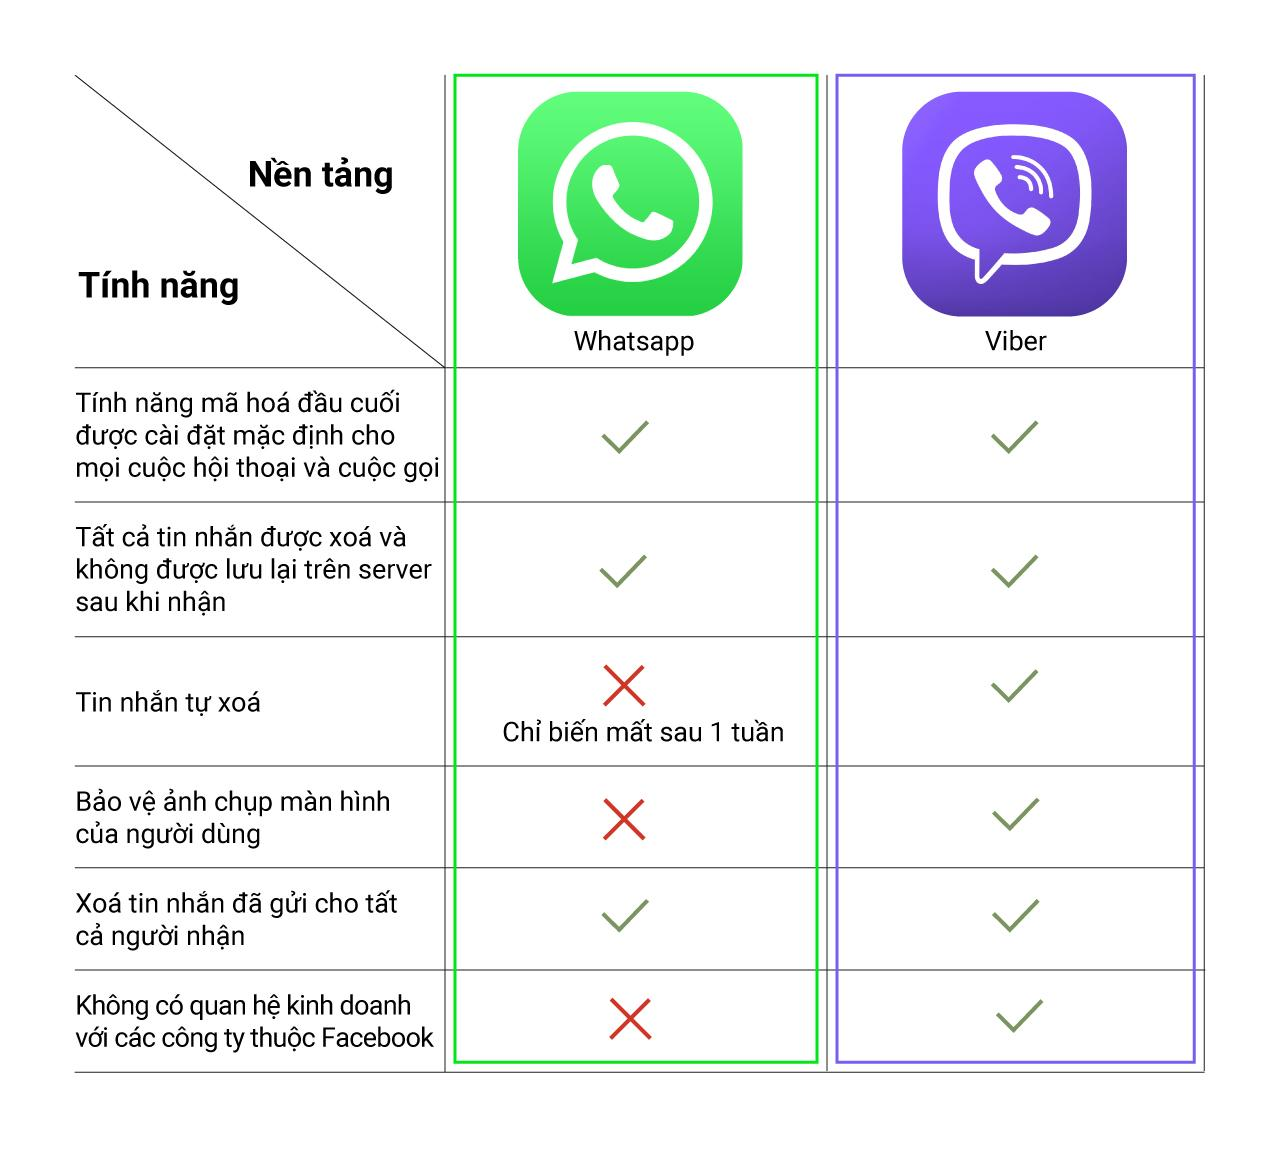 WhatsApp coi thường quyền riêng tư, CEO của Viber kêu gọi người dùng tìm kiếm ứng dụng thay thế - Ảnh 2